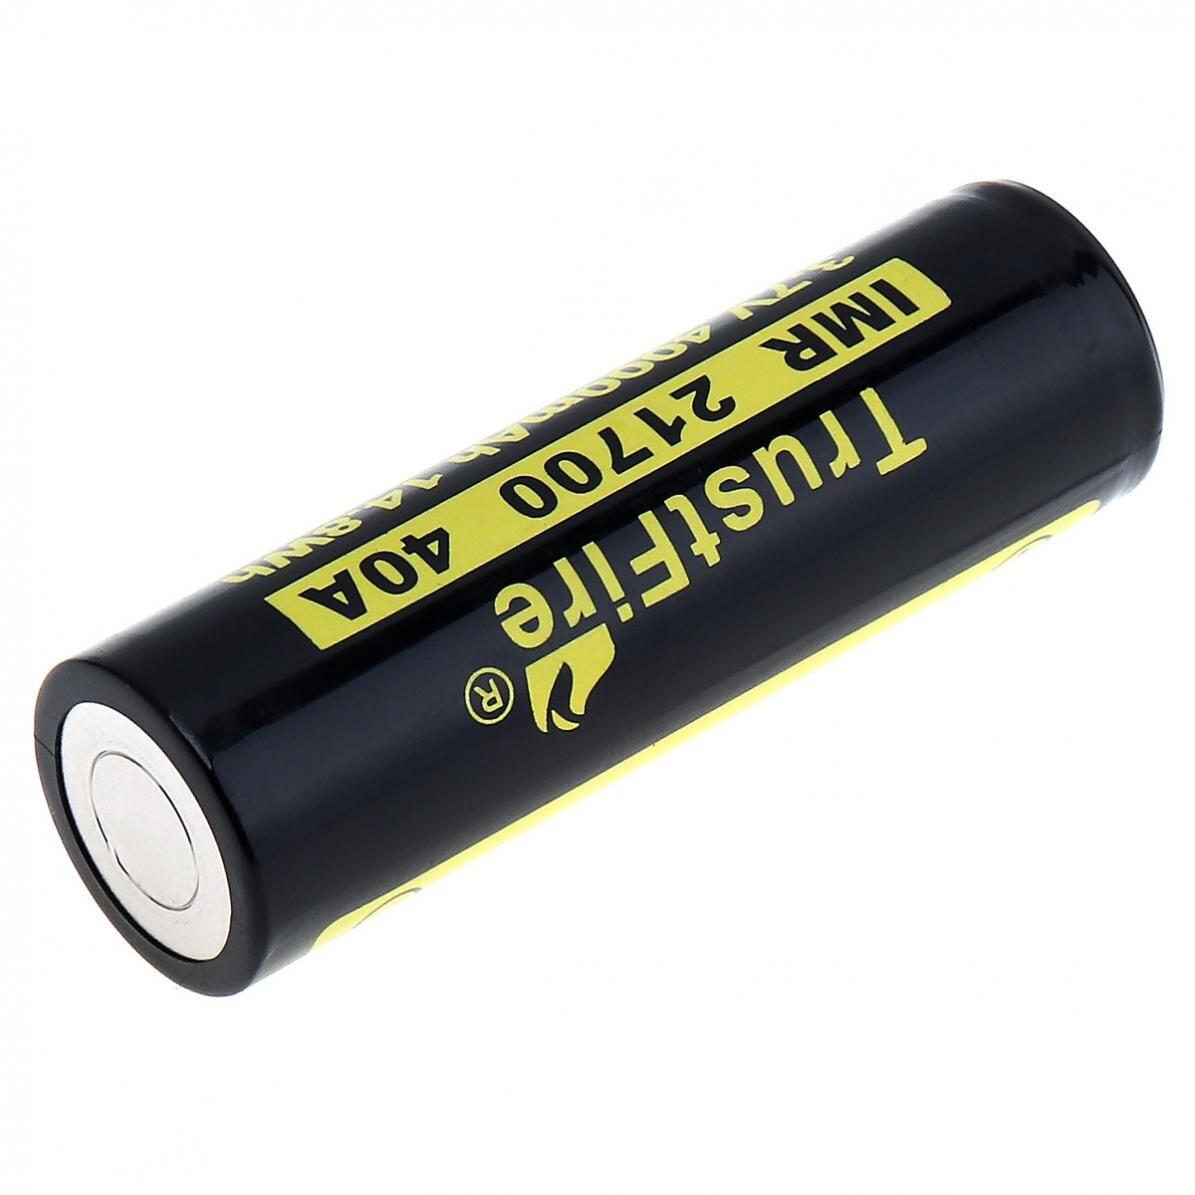 メール便 LEDハンディライト 懐中電灯用充電池 SR ネコポス 送料込 バッテリー TrustFire 21700 3.7V 40A 4000mAh 14.8W Li-ion Electrical 3965-00 with Batteries PCB トラストファイヤー For 懐中電灯やその他のデバイスに NEW 充電池 登場大人気アイテム Protected Tools Battery Toy Rechargeable